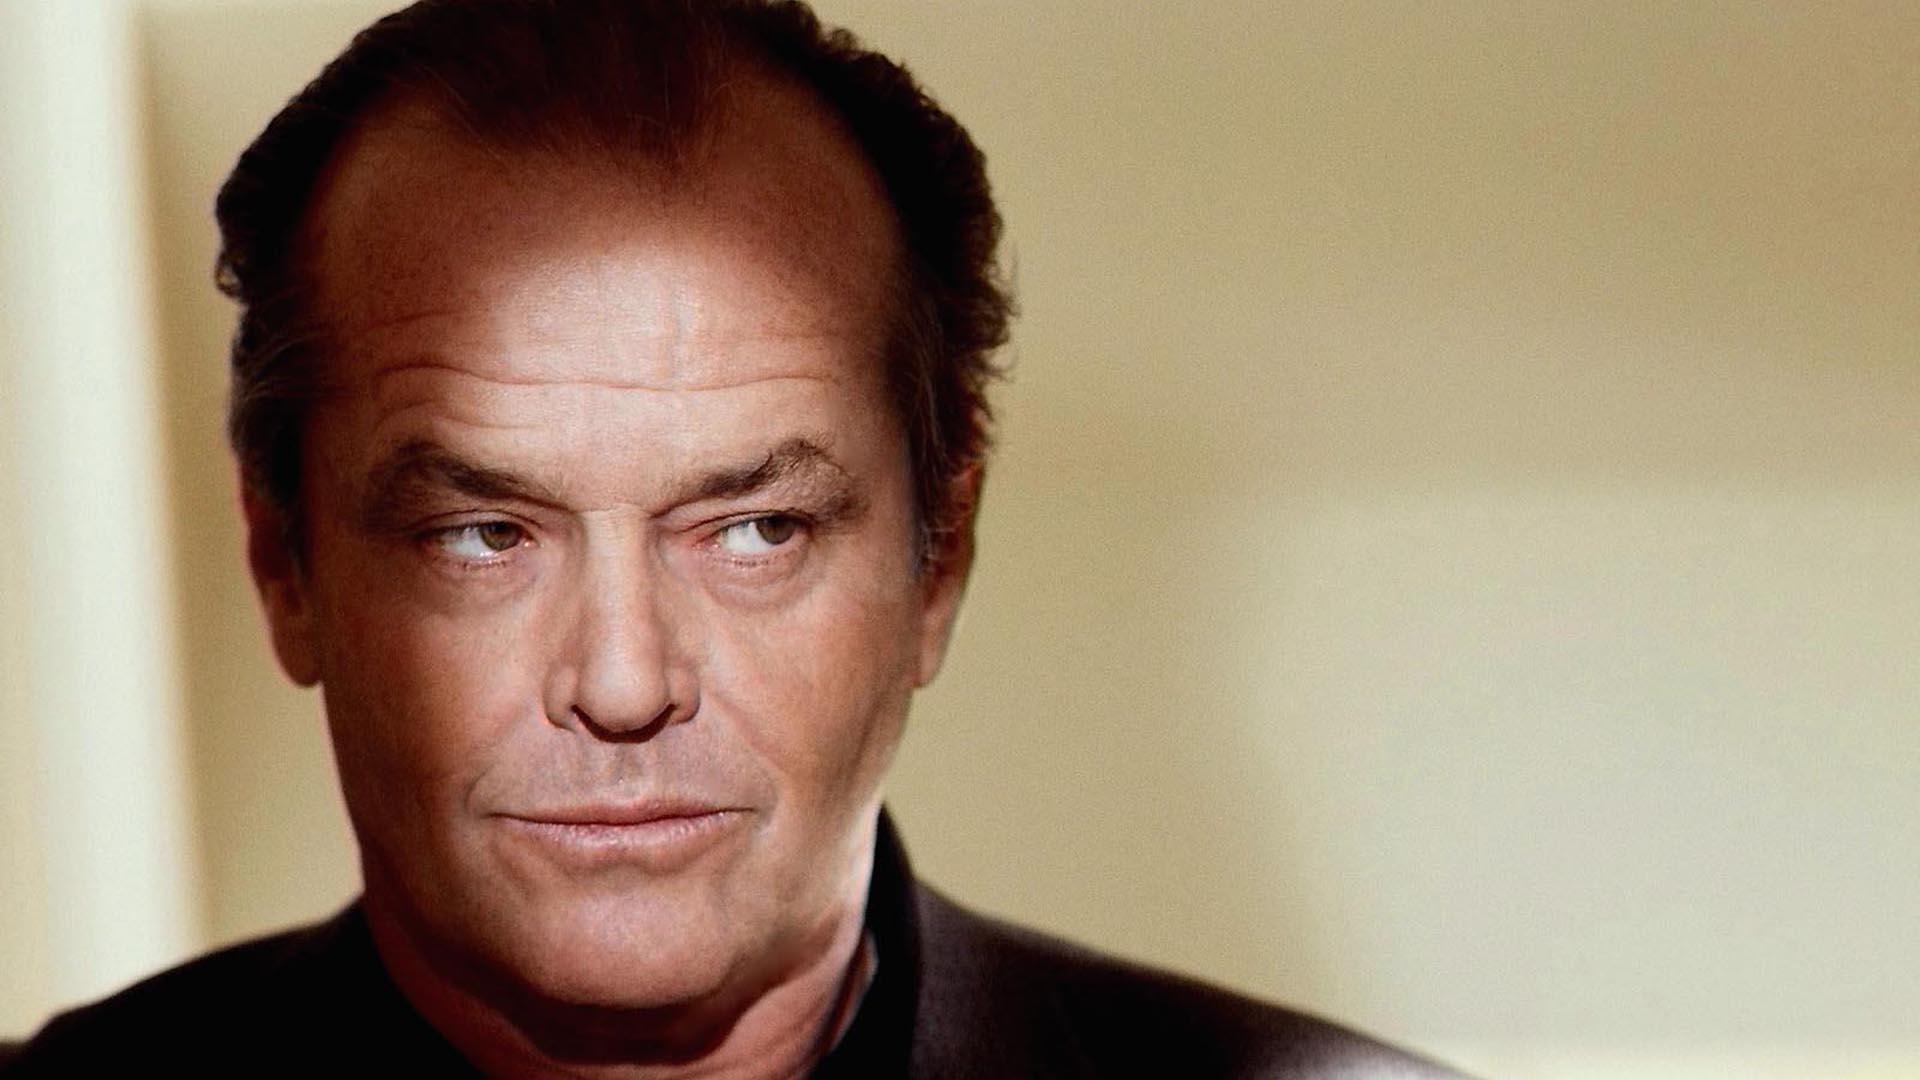 Jack Nicholson Wallpaper HD 9 1920x1080